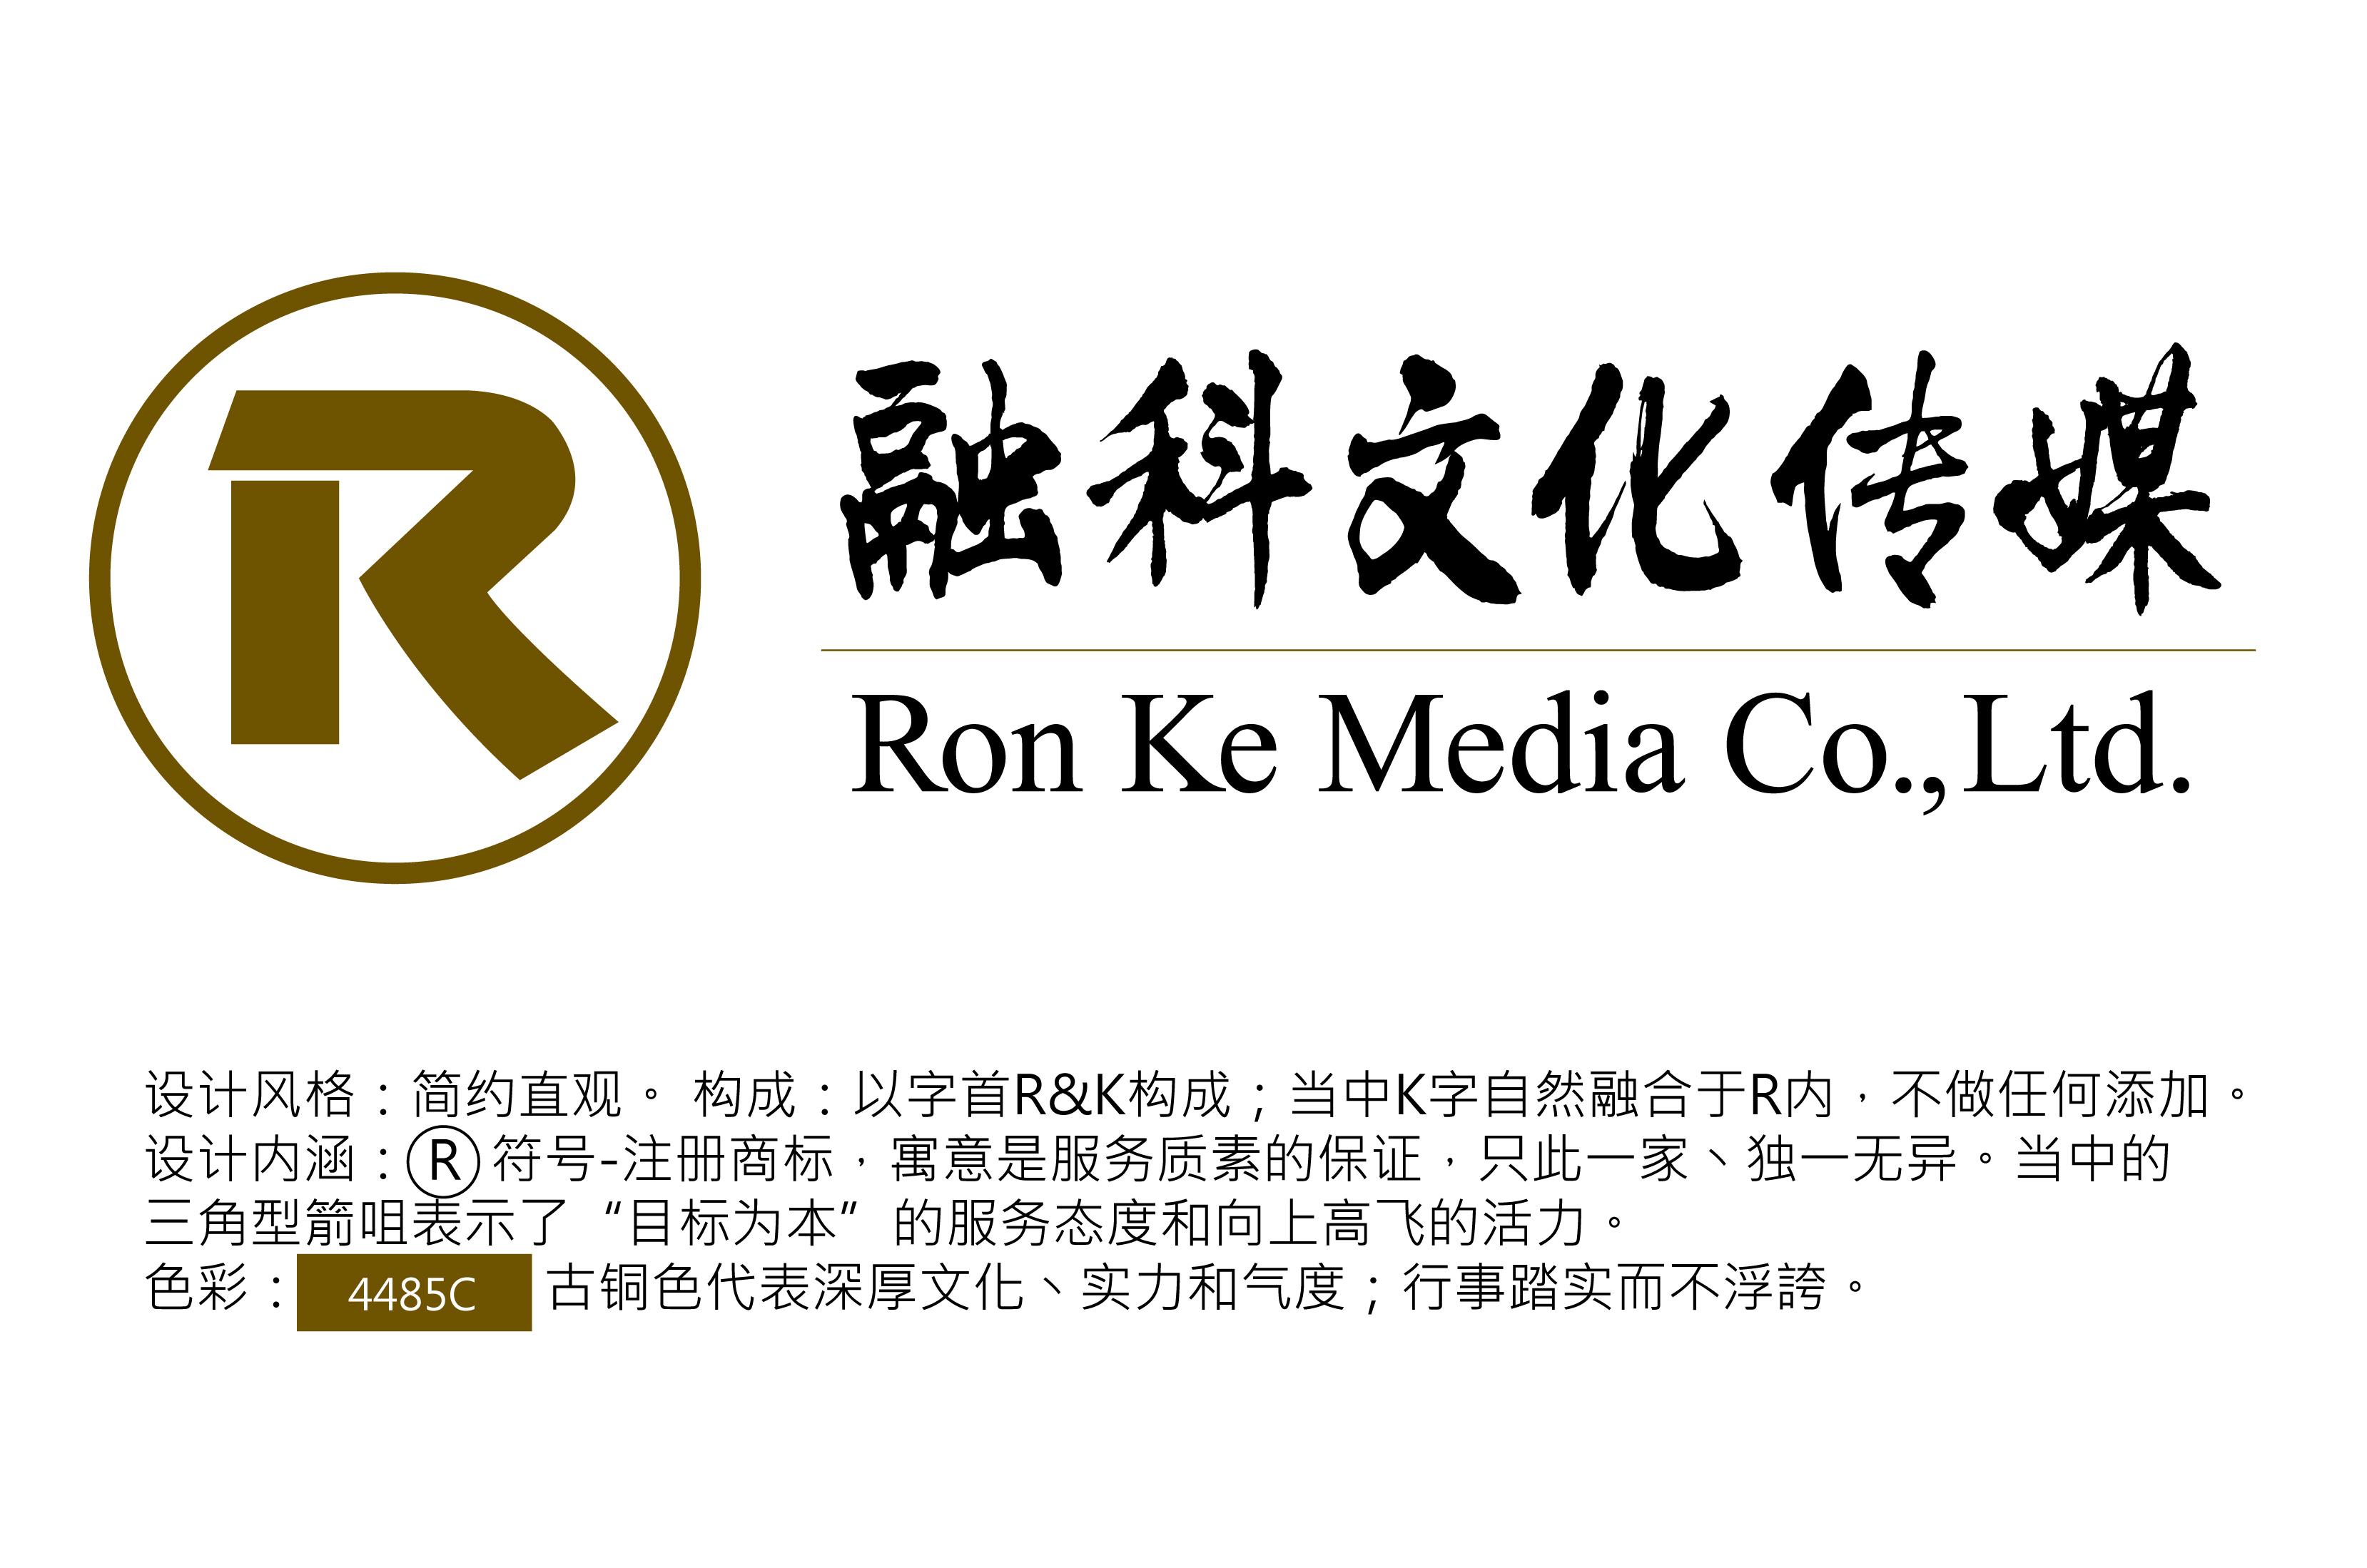 广告传媒公司LOGO设计(4天)_3034445_k68威客网